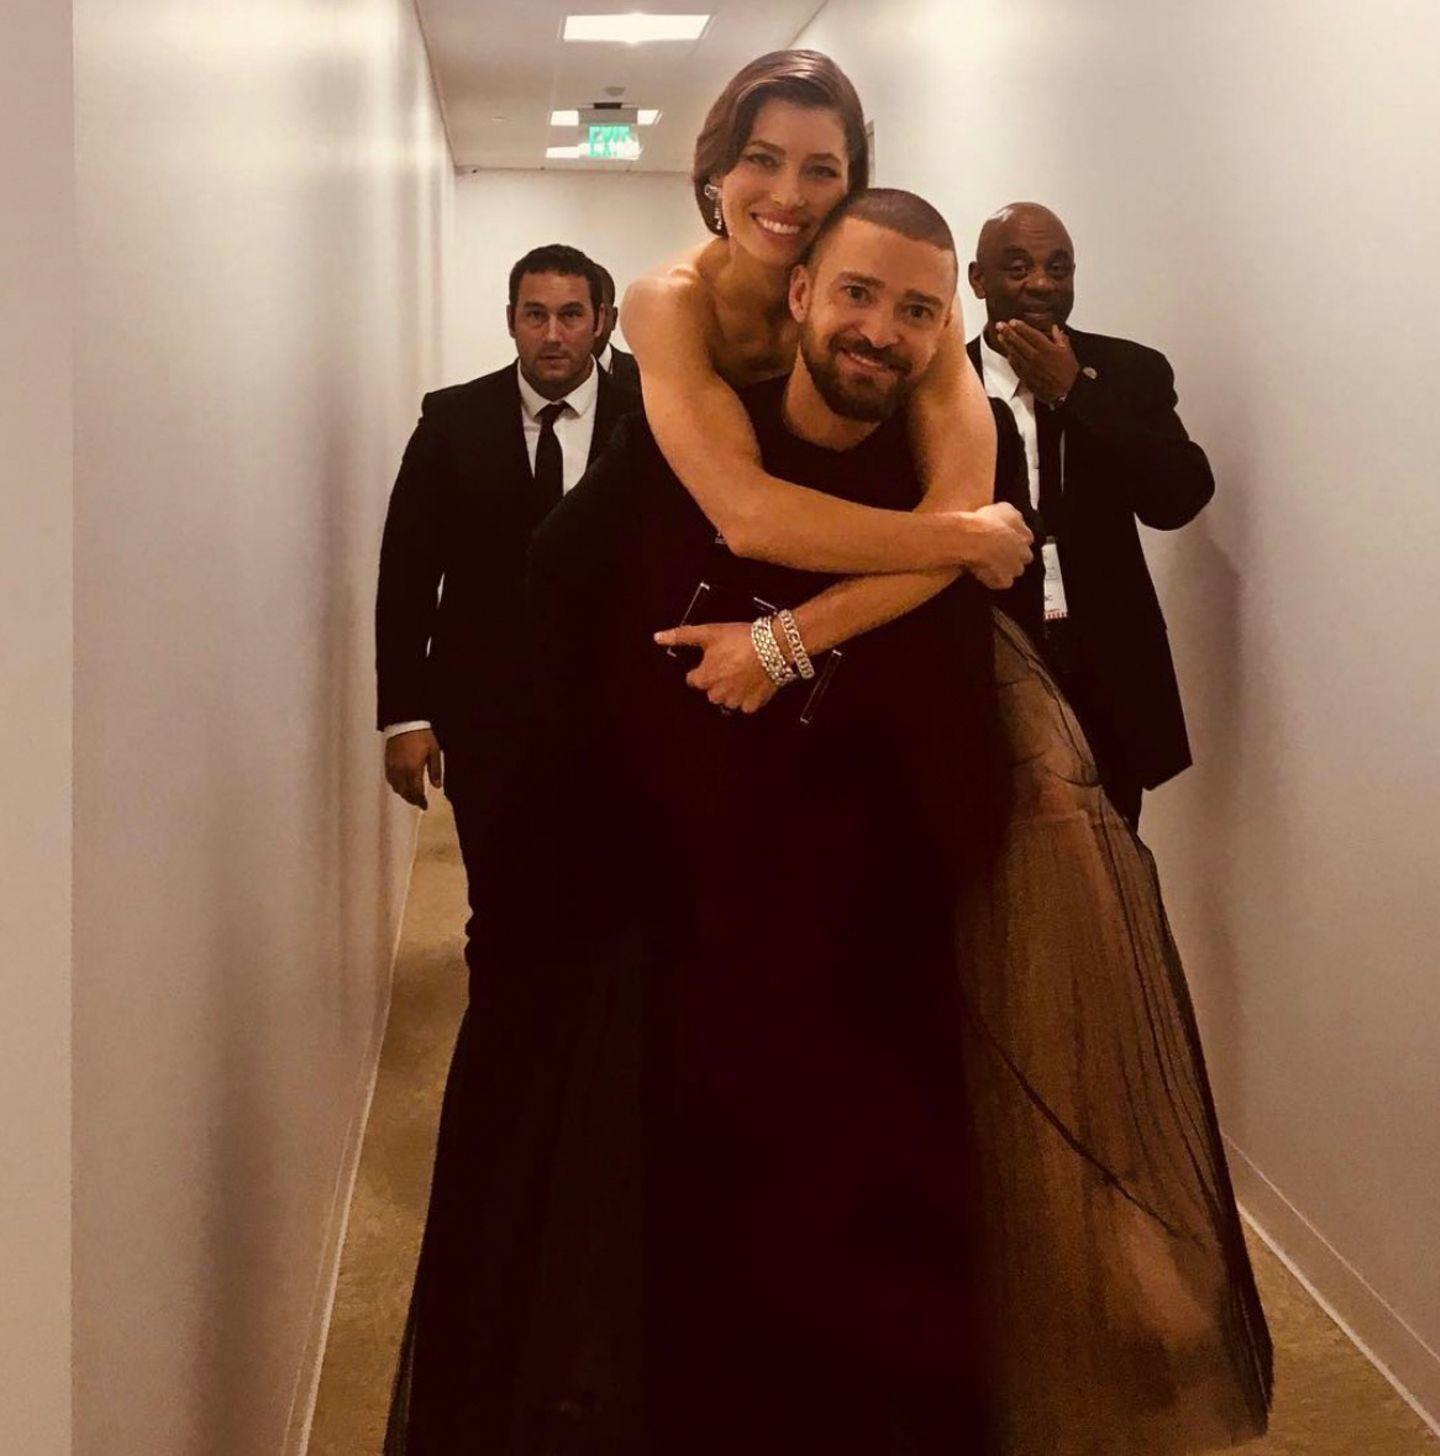 9. Januar 2018  Wie romantisch! Justin trägt seine Jessica auf Händen, nein Quatsch Huckepack. Zum dahinschmelzen die beiden Turteltauben.